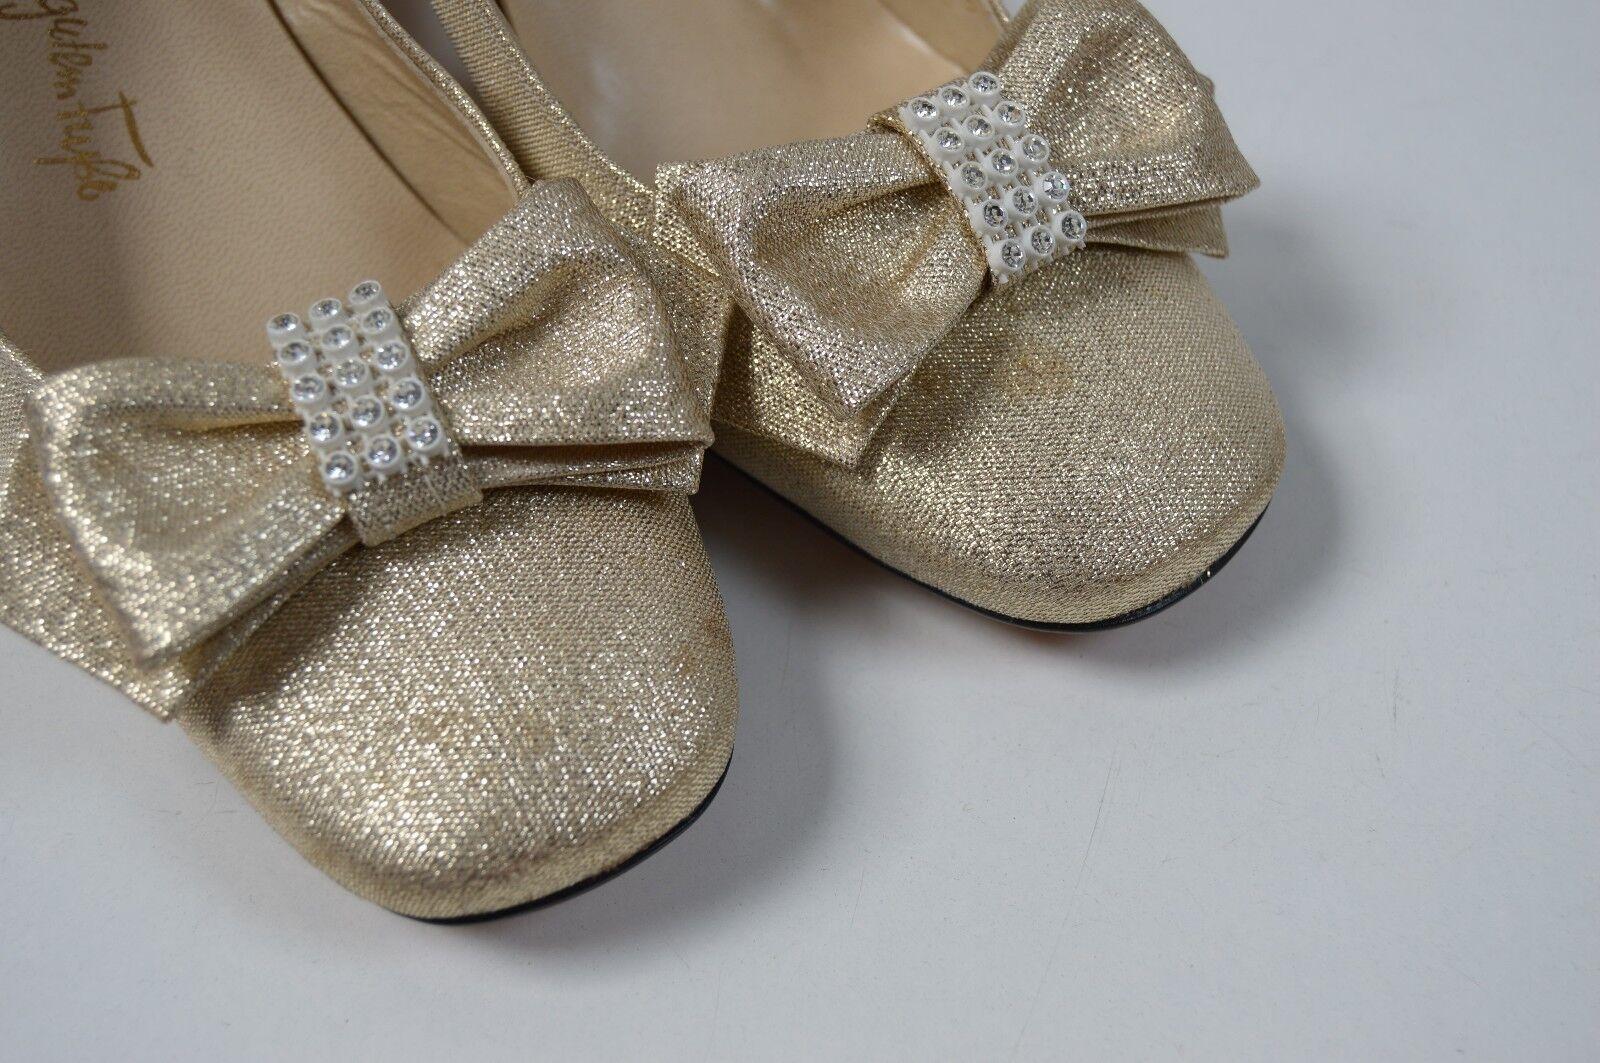 GÖRTZ Damen Slingbacks Pumps 80s NOS 70er True Vintage 80s Pumps Sandalen gold block heel f6d129